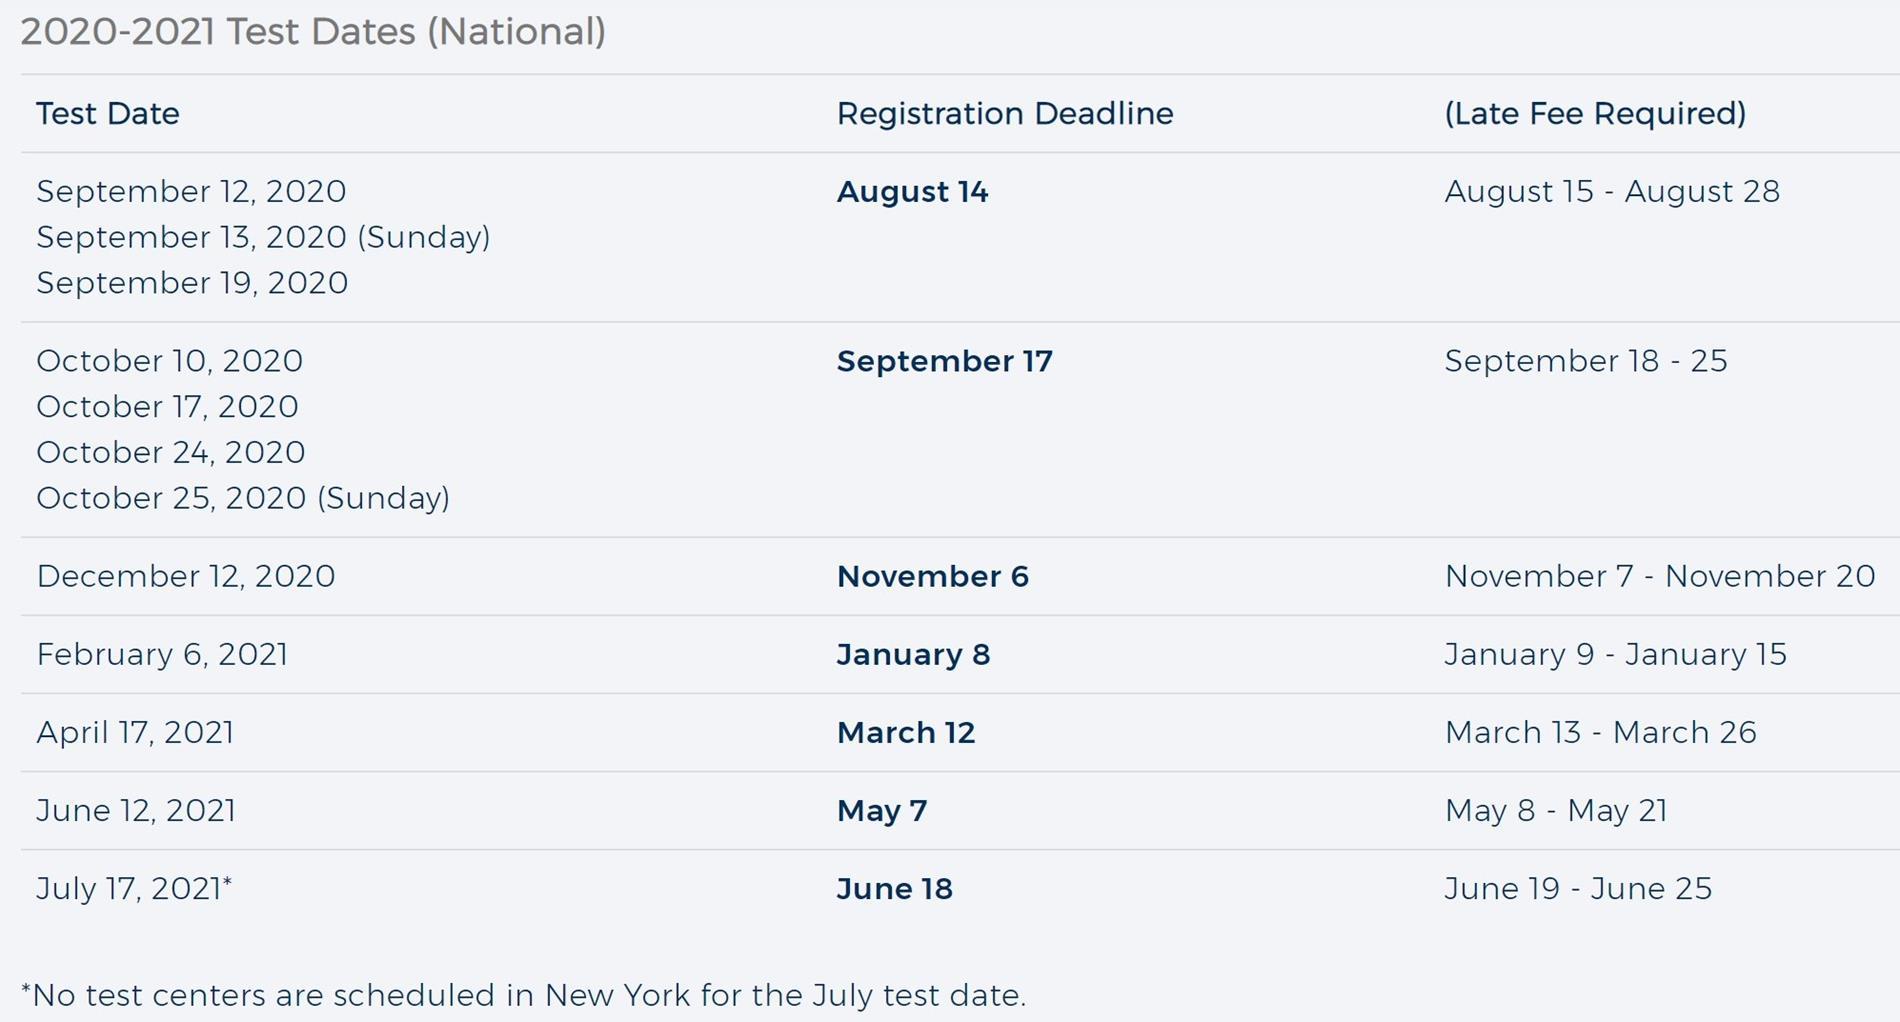 ACT 2020-2021 Dates